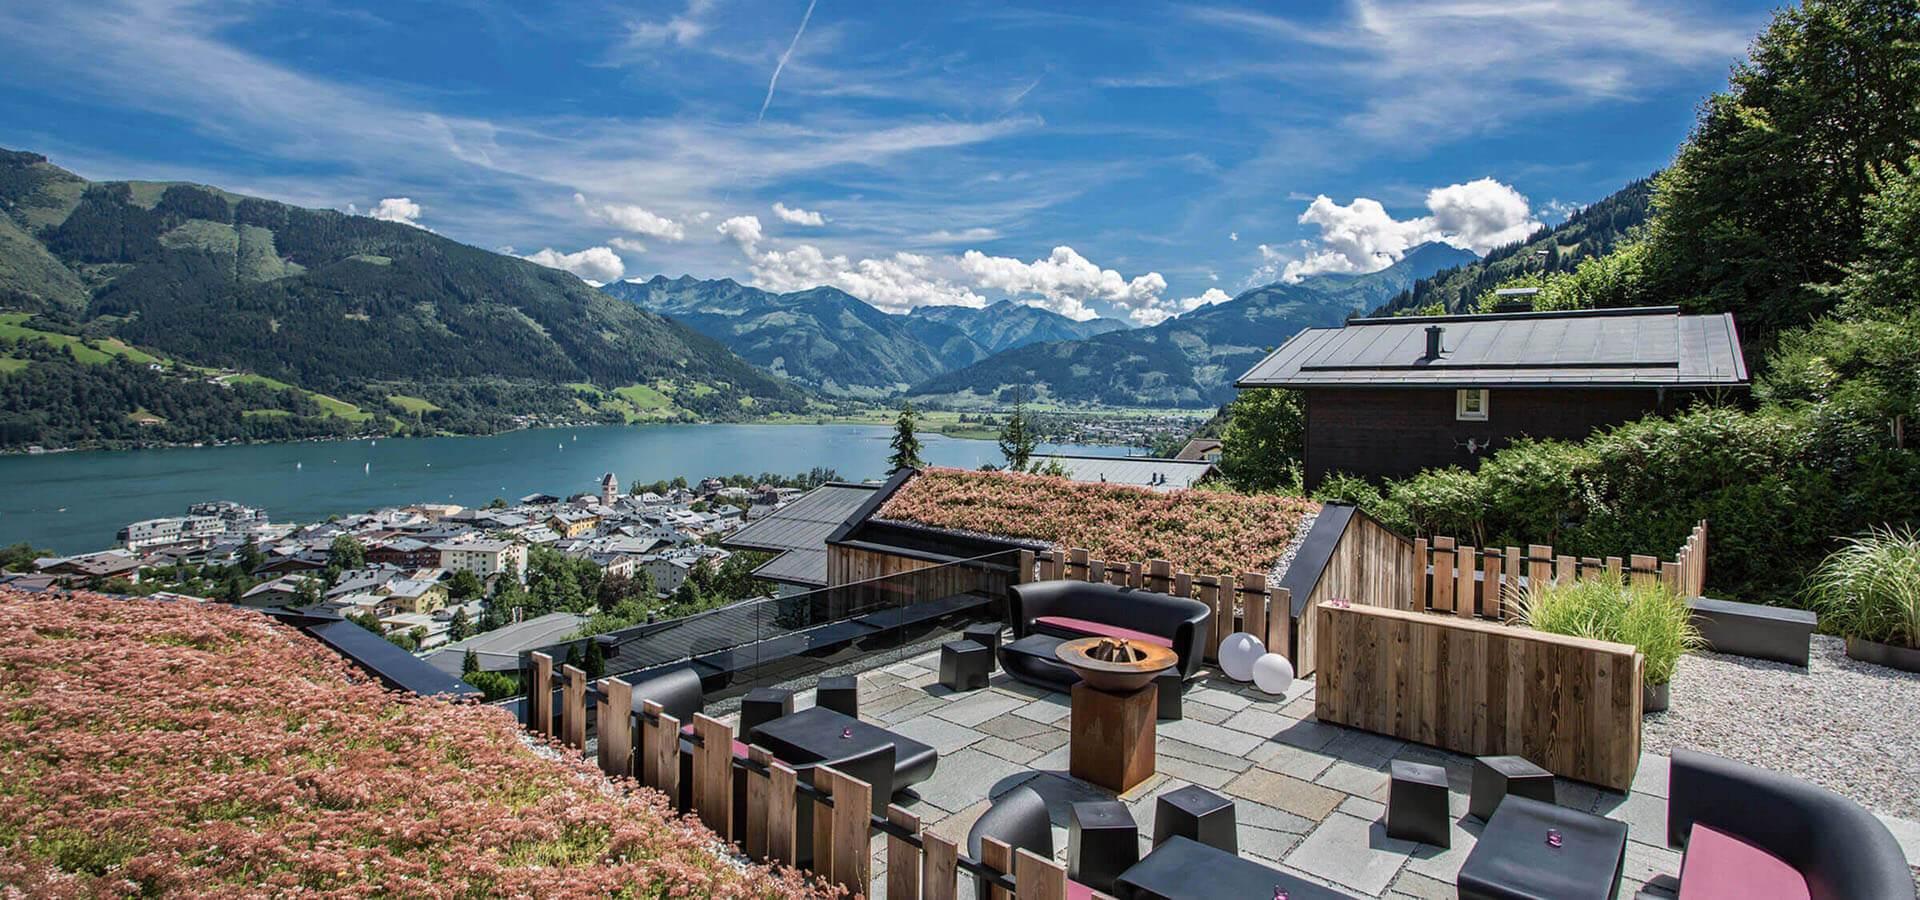 senses violett suites designhotel in den bergen von zell